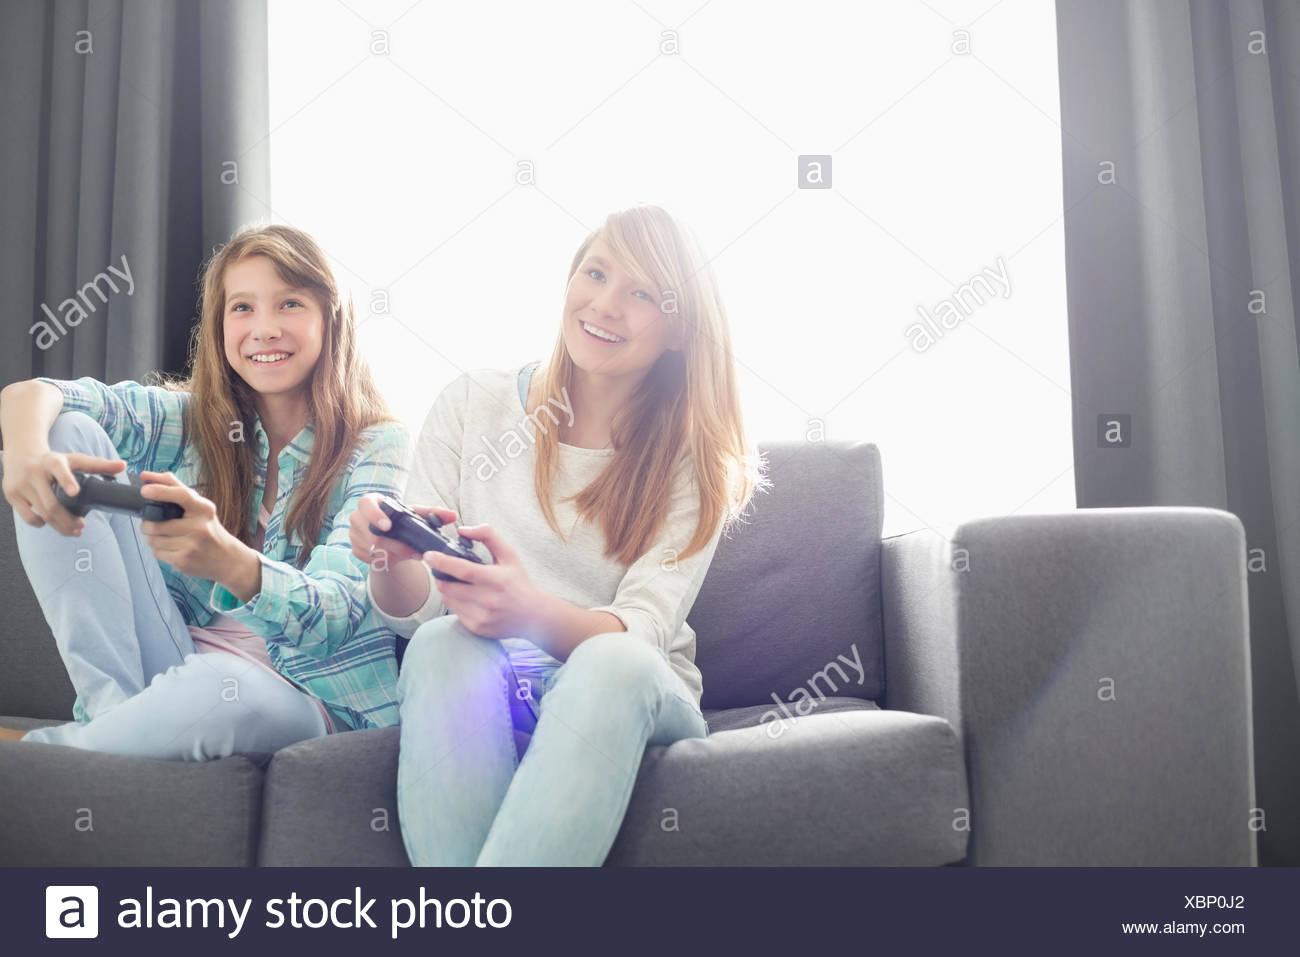 Soeurs à jouer aux jeux vidéo sur canapé Photo Stock